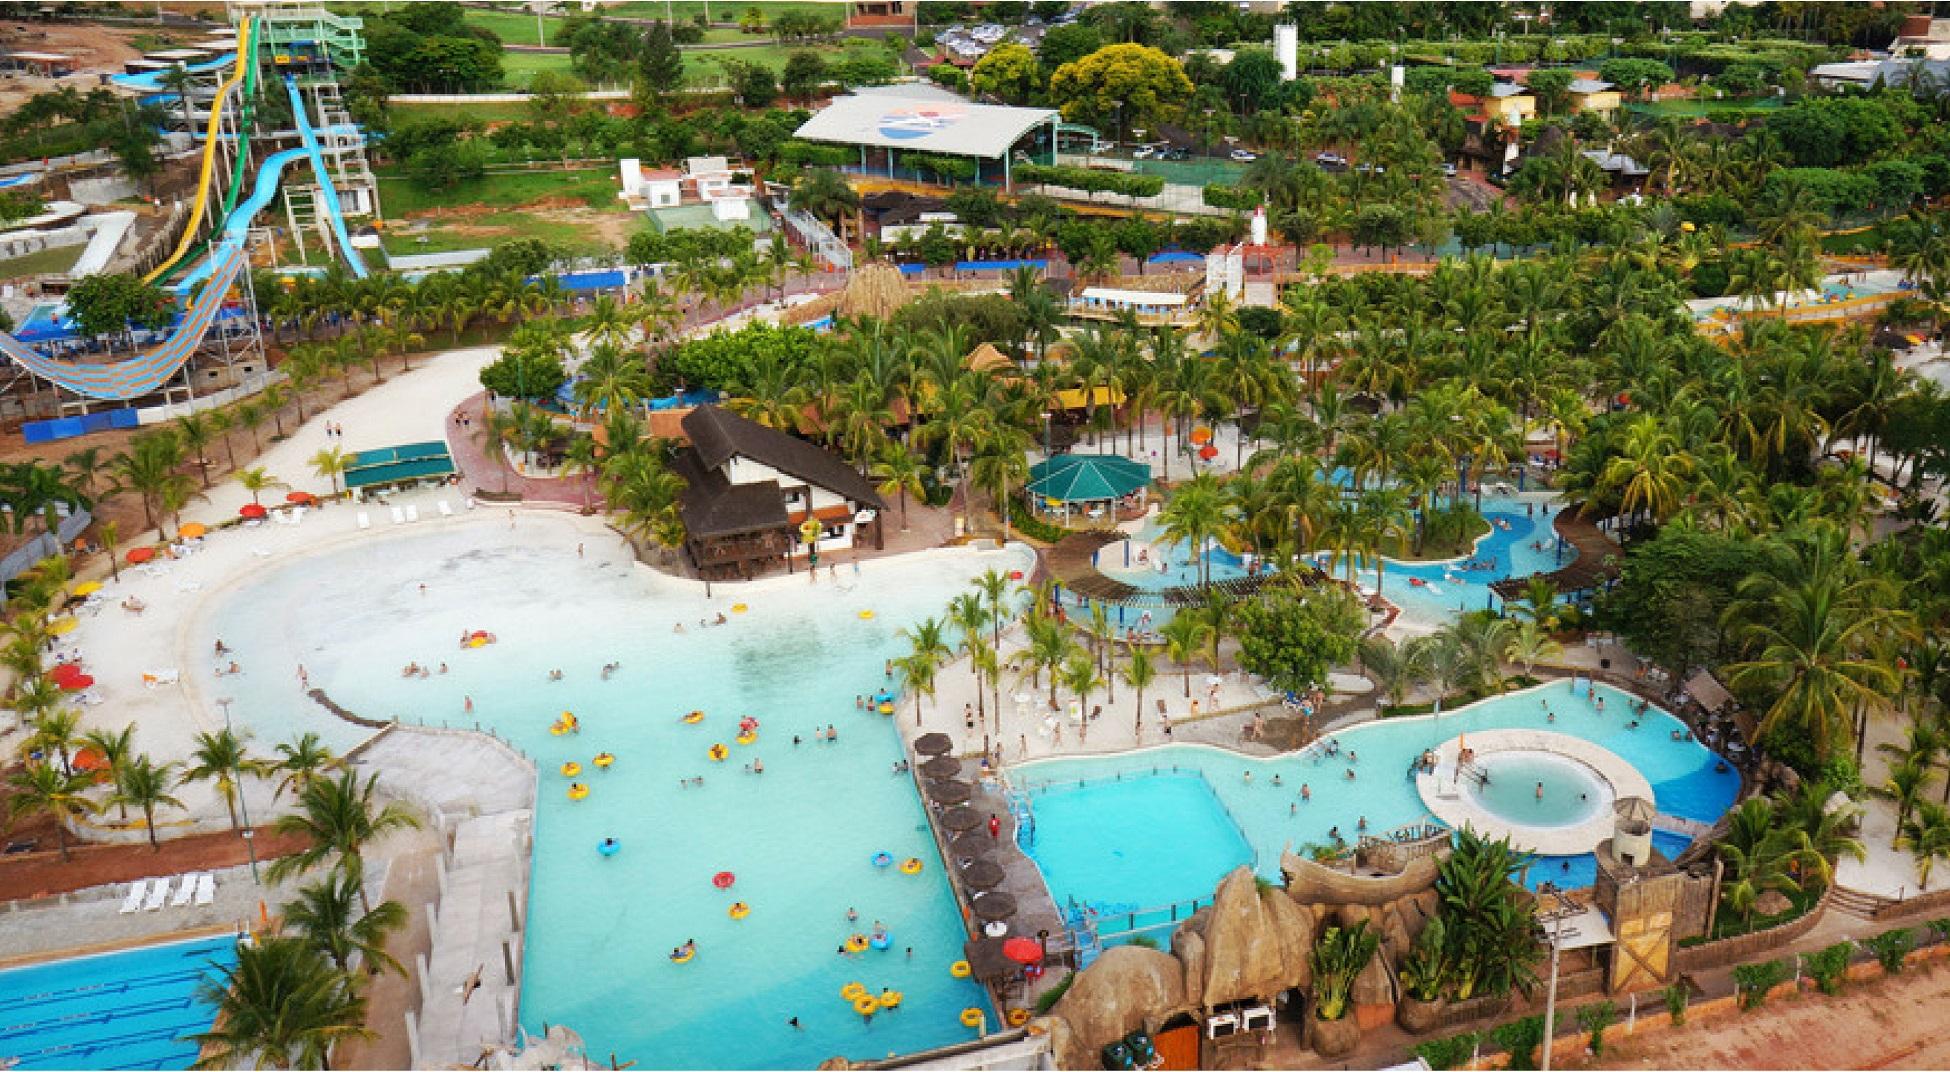 Diversão hoteleira como a proximidade com parques temáticos auxilia os hotéis de Olimpia